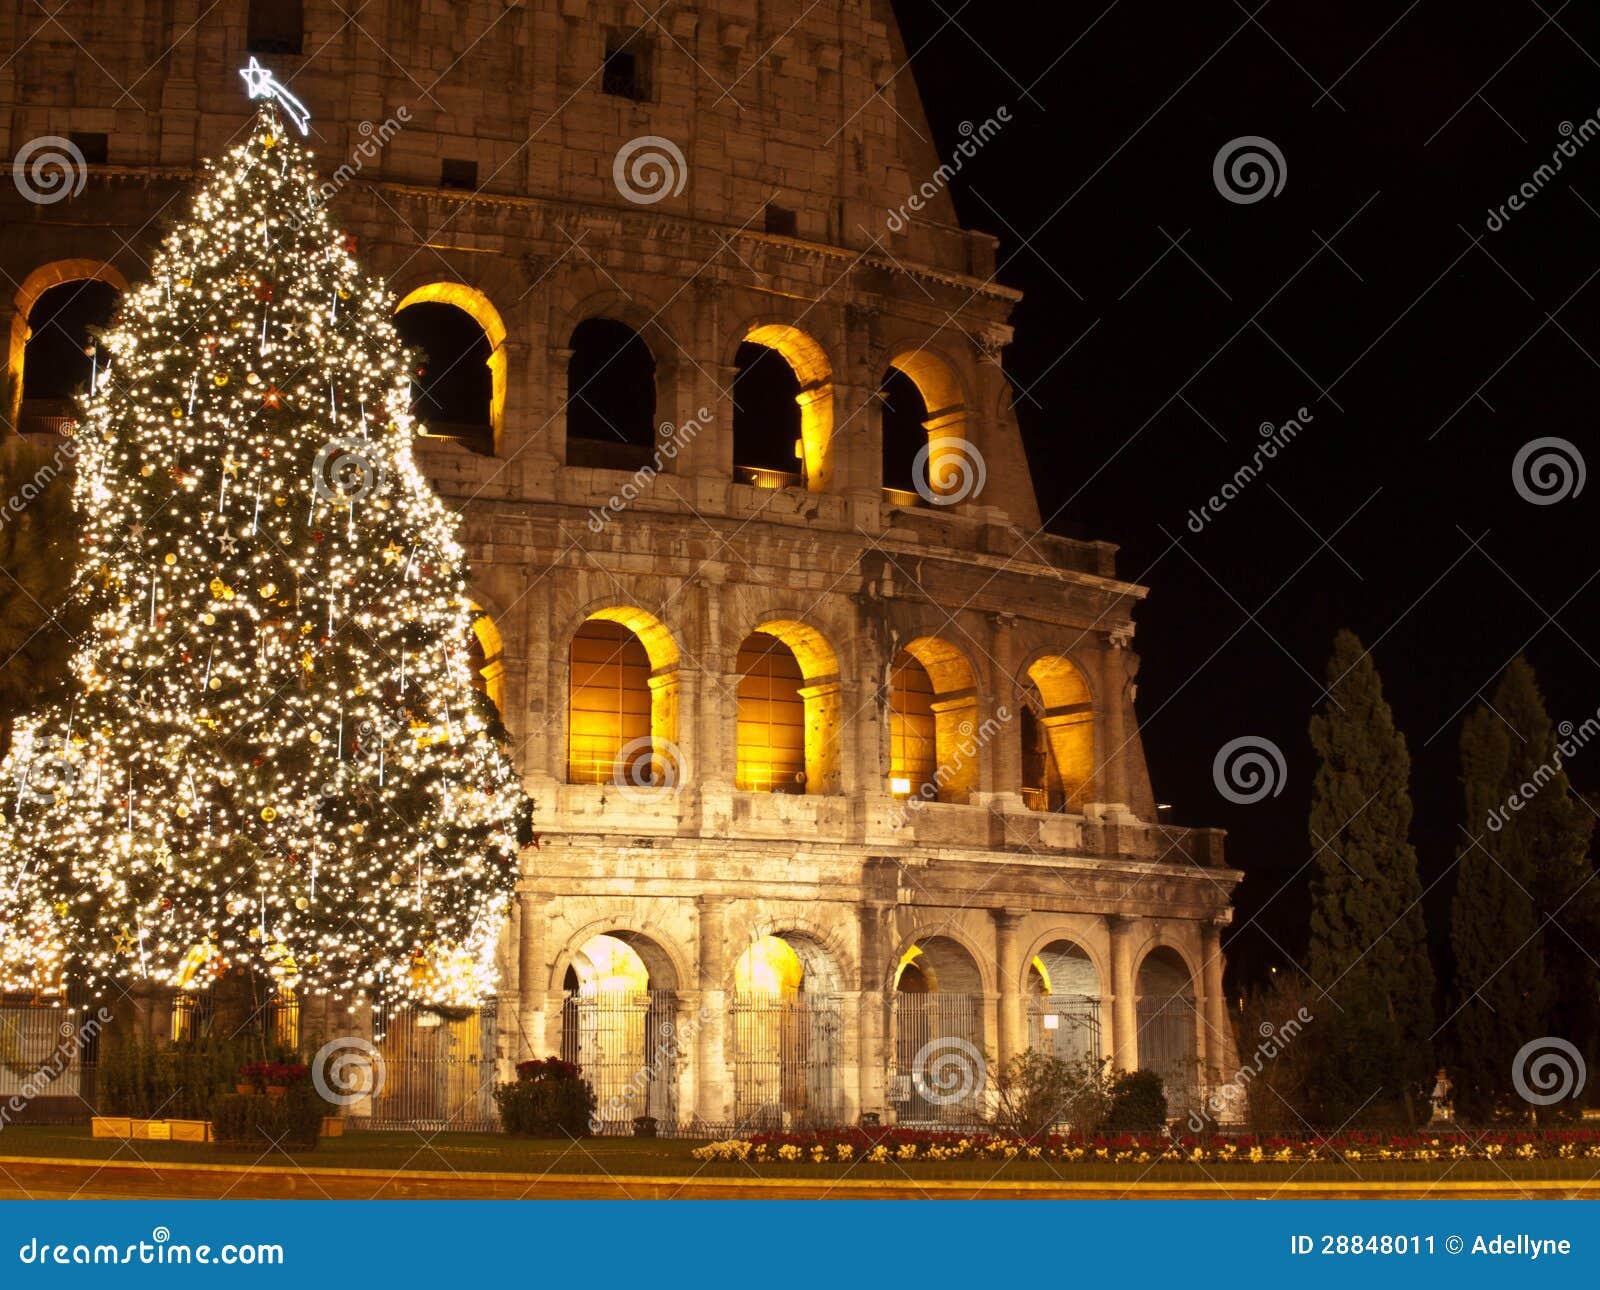 Weihnachten bei Colosseum stockbild. Bild von feiertag - 28848011